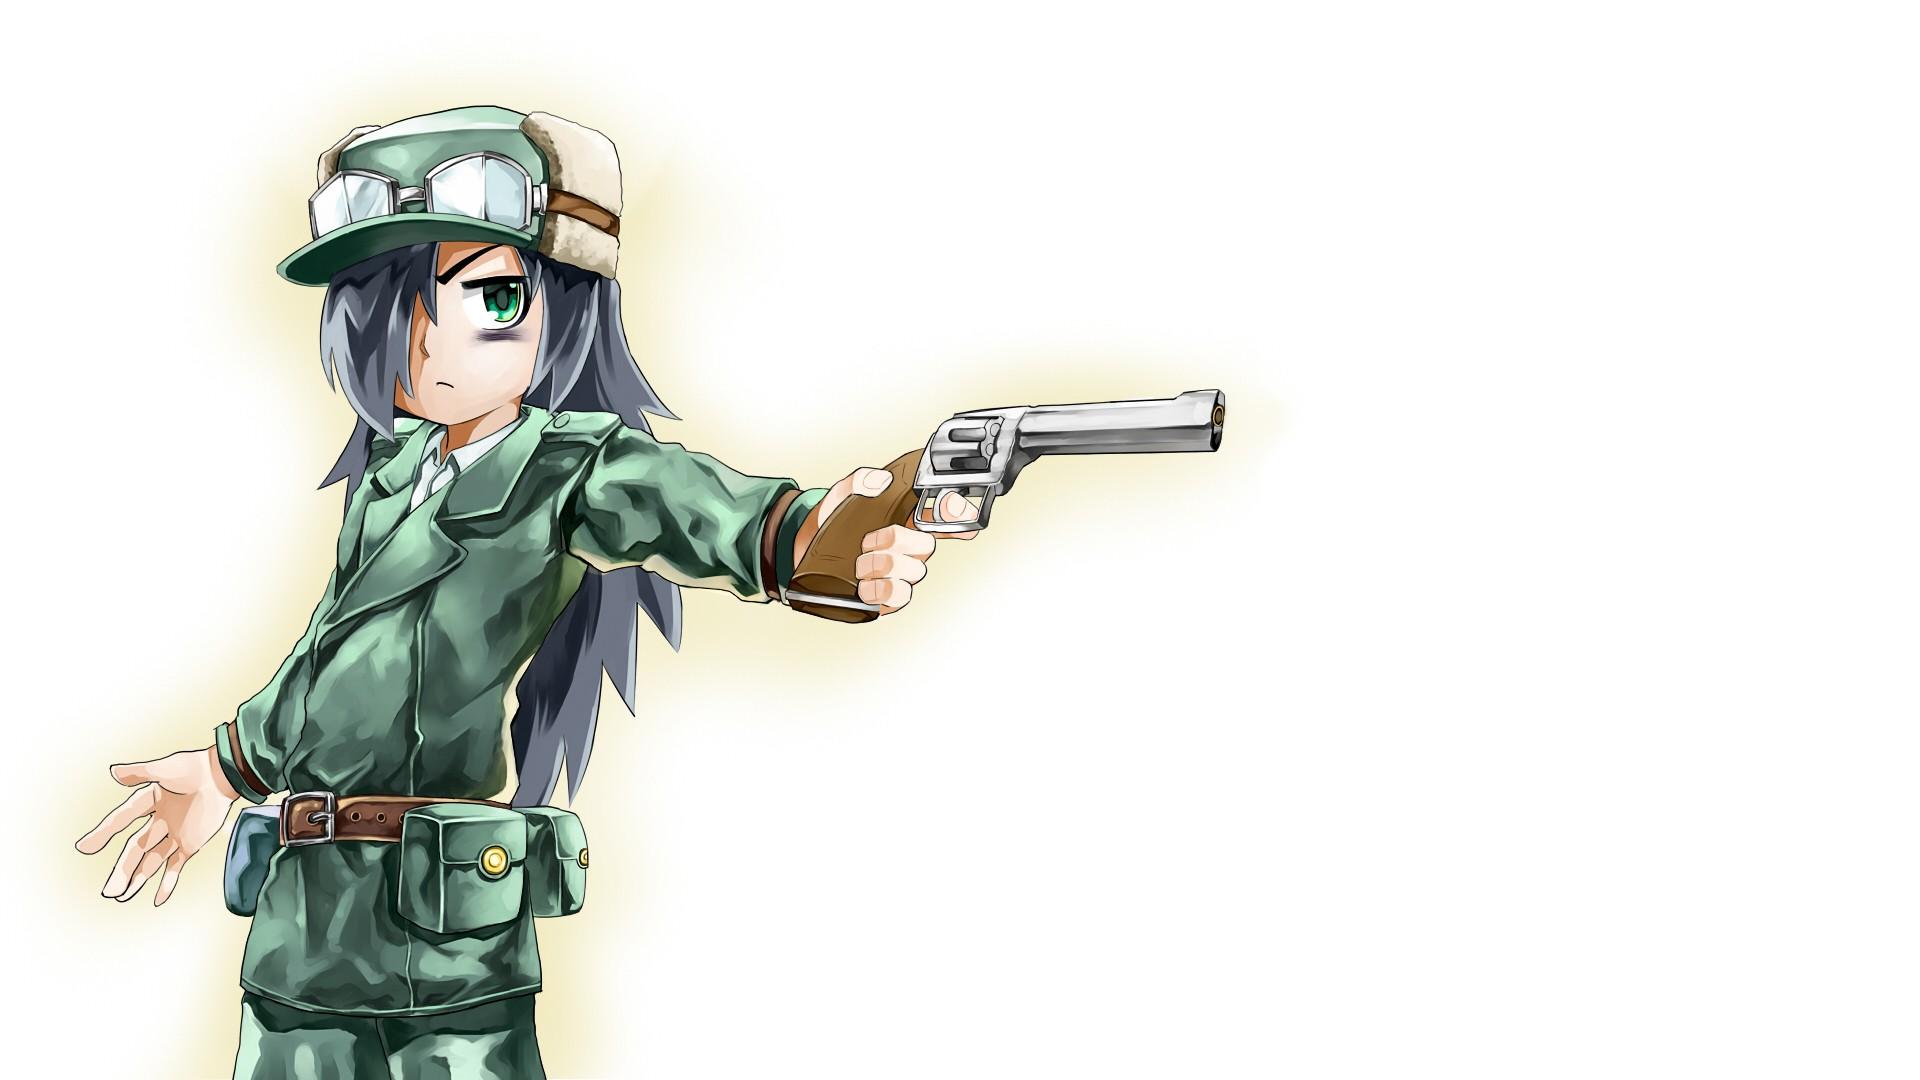 800+ Wallpaper Animasi Tentara  Terbaik